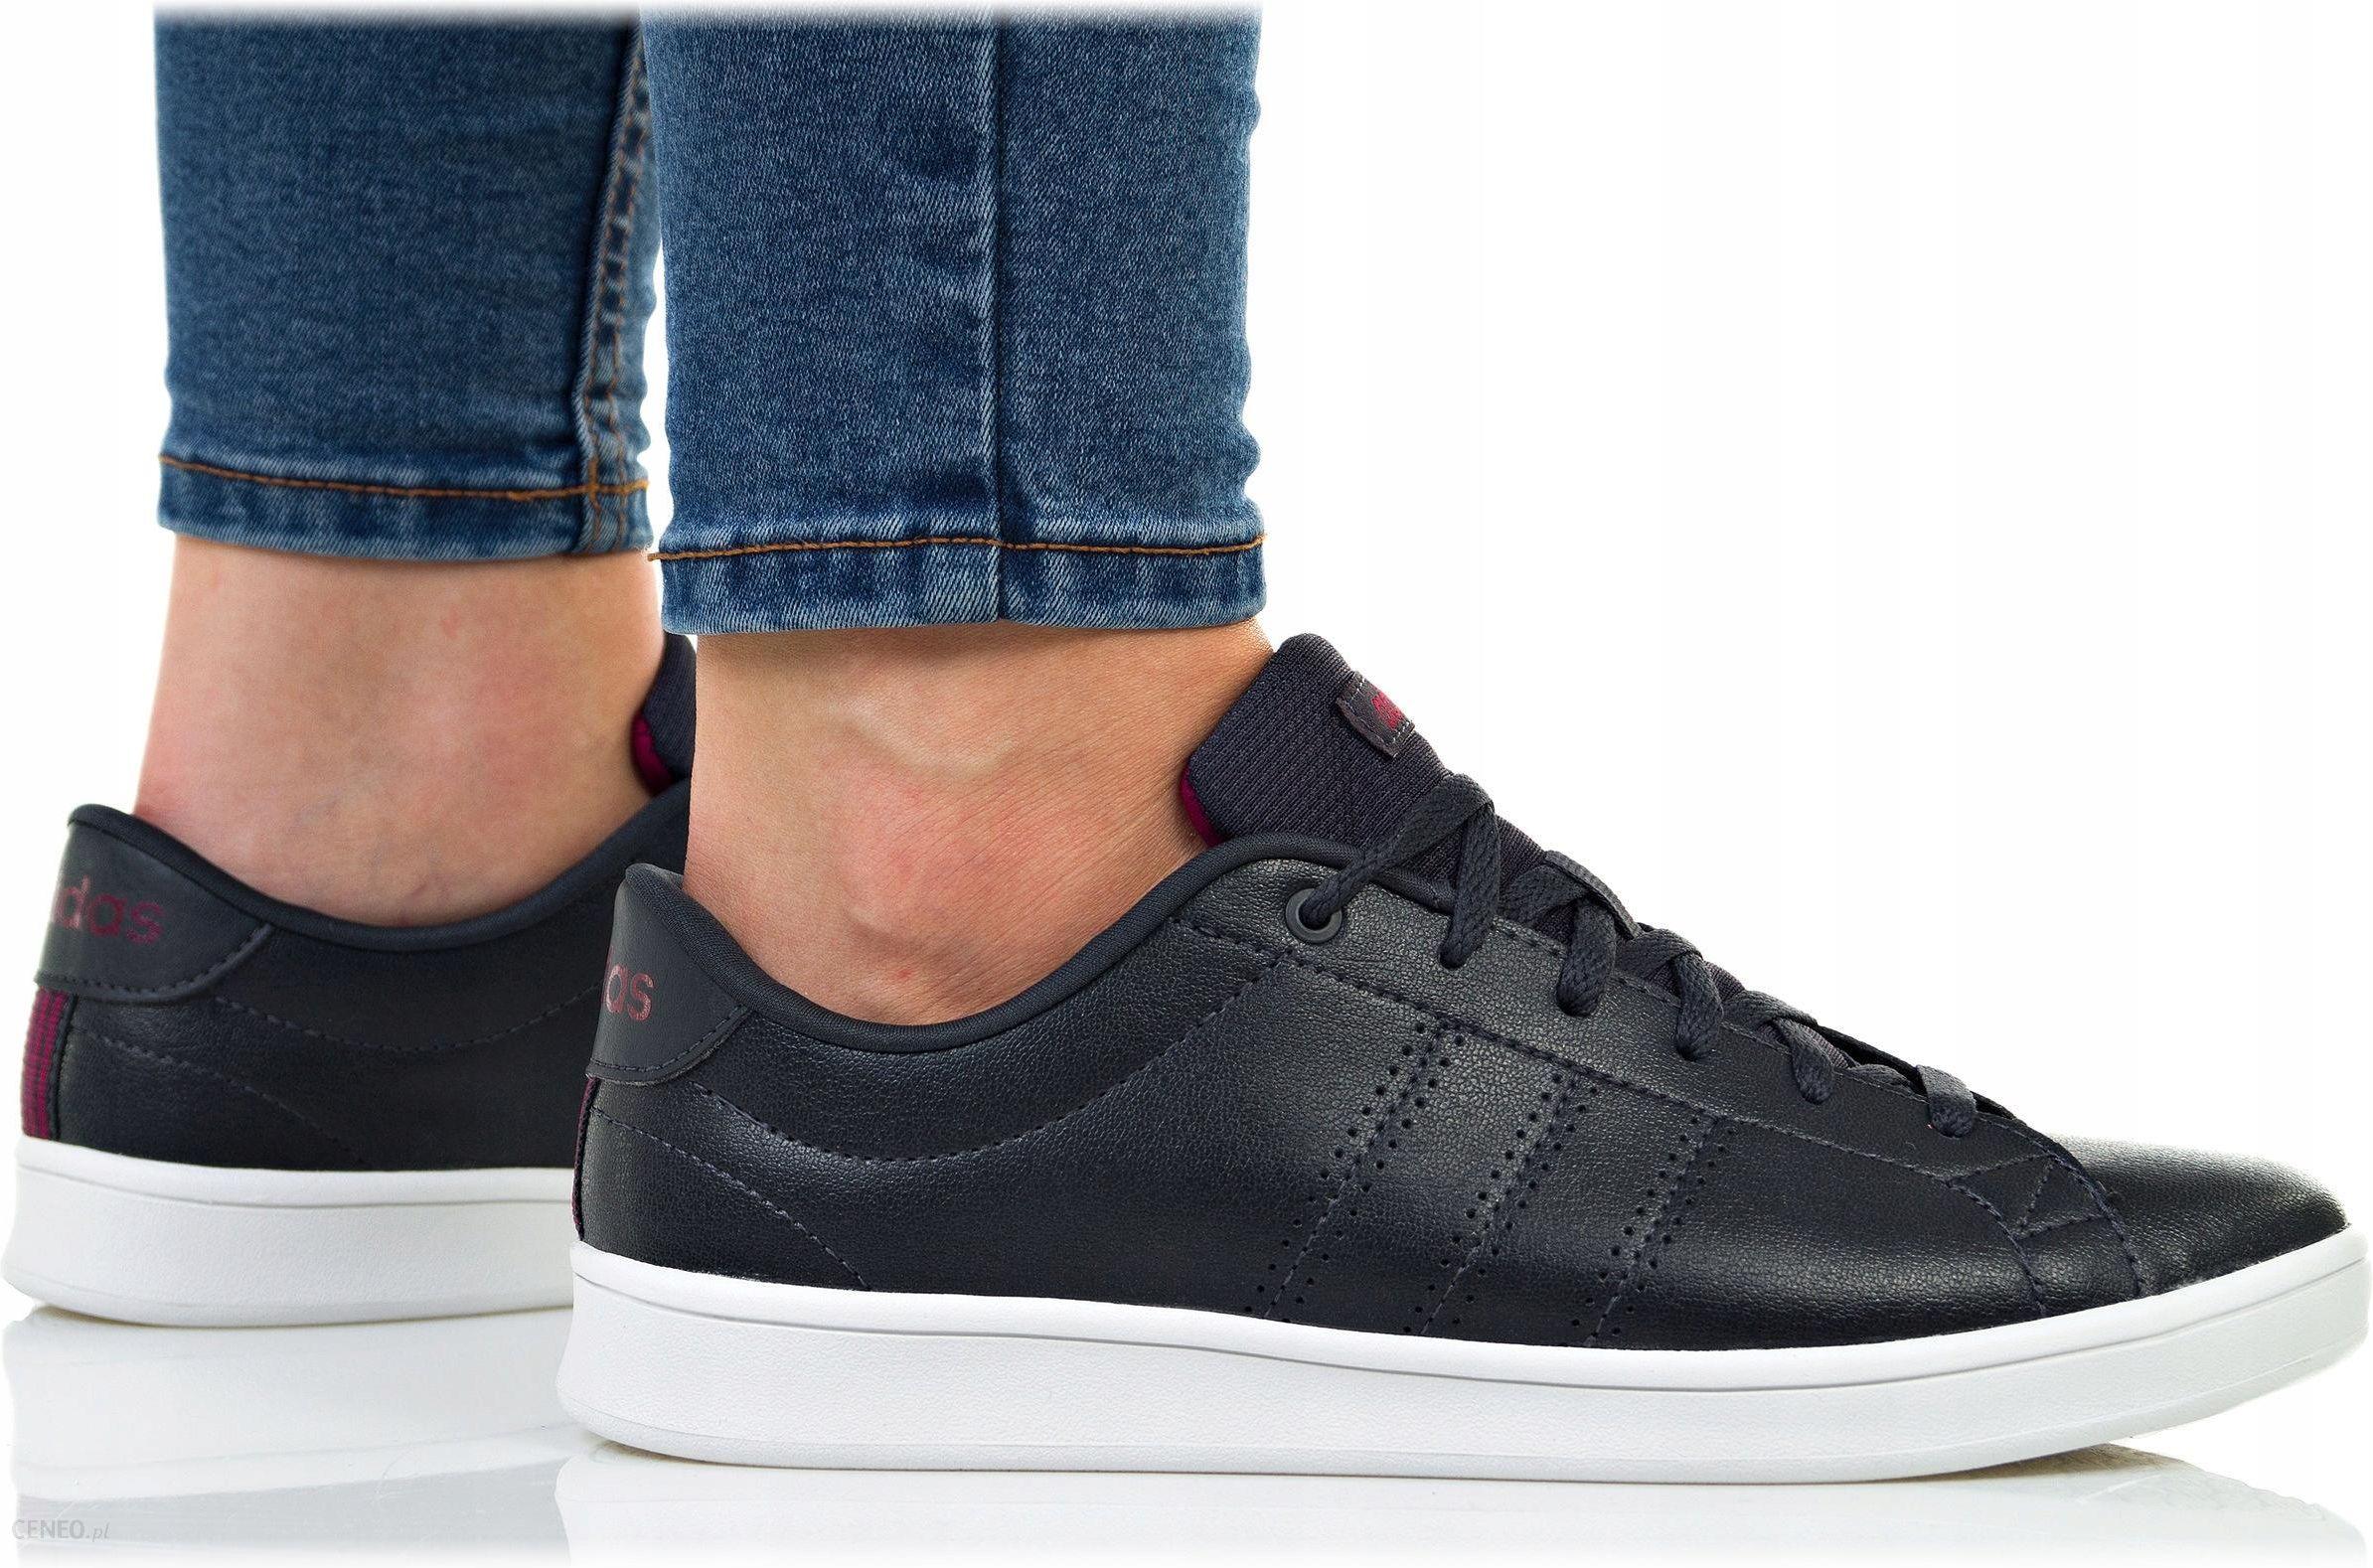 Buty dziecięce Adidas Advantage CL Qt BB7317 Ceny i opinie Ceneo.pl